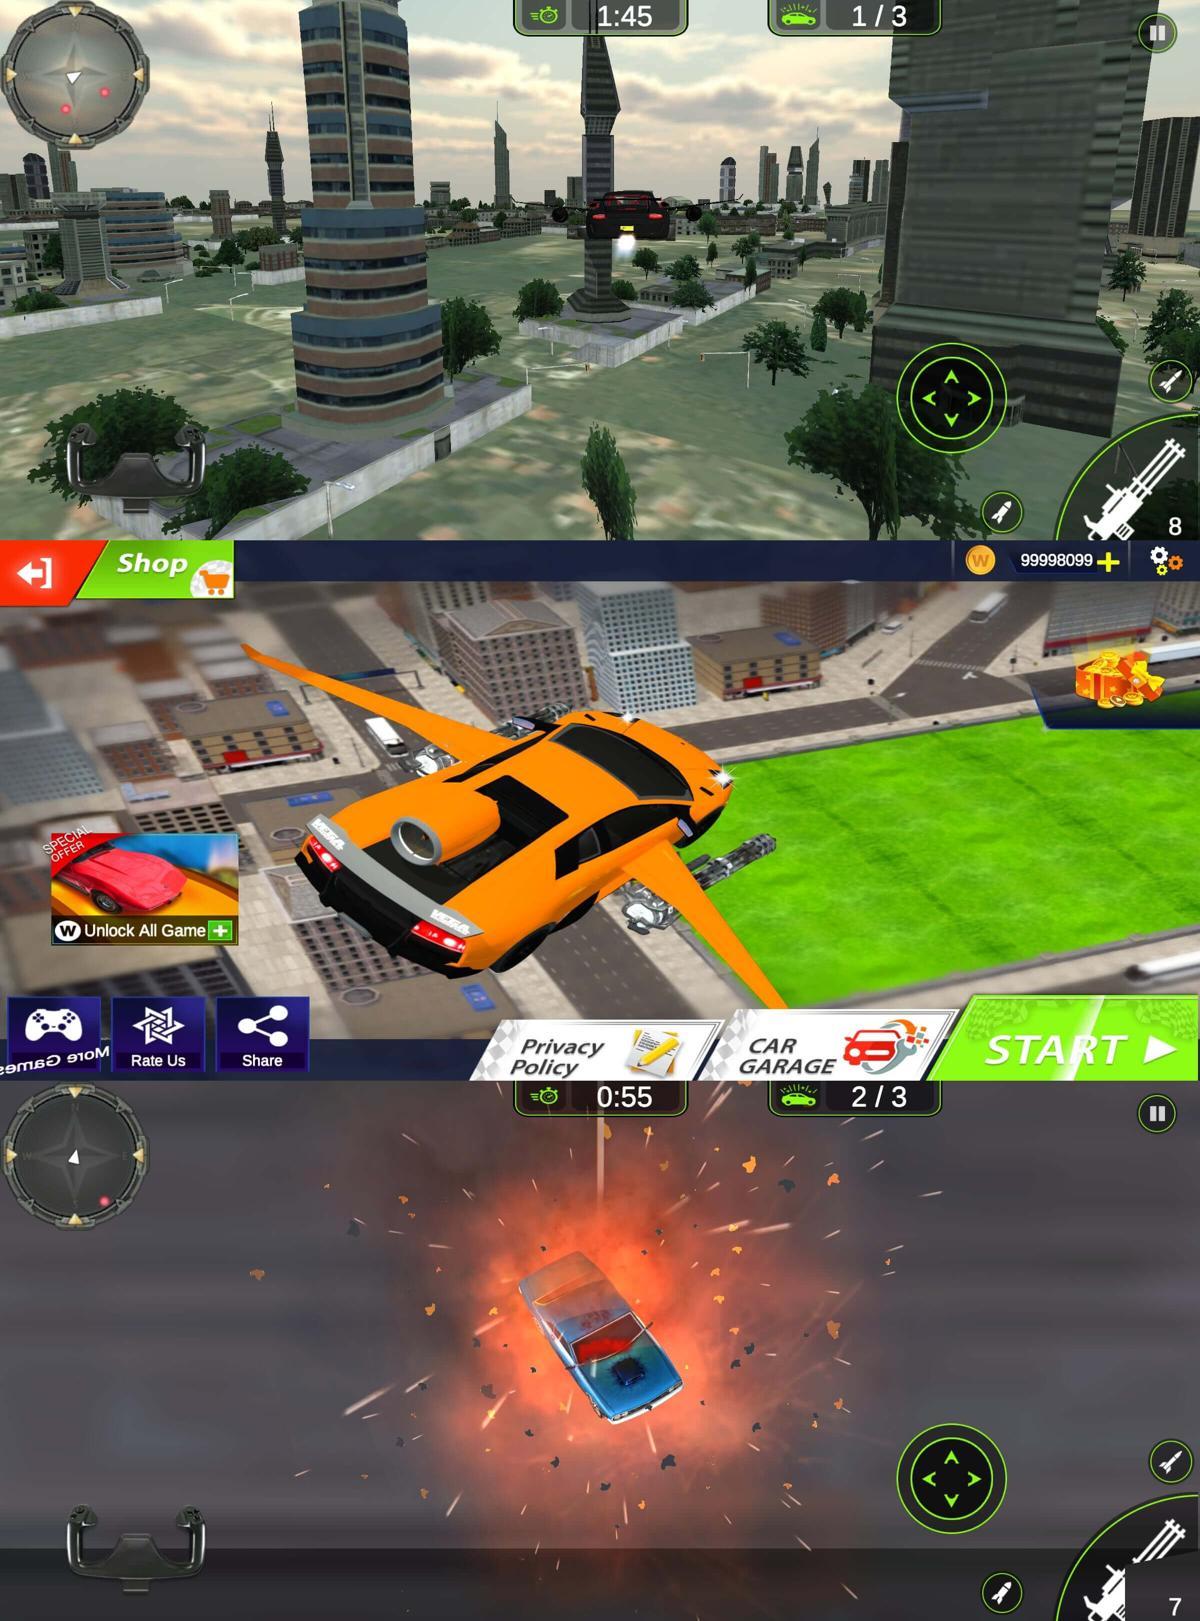 飞车射击游戏 极速飞车